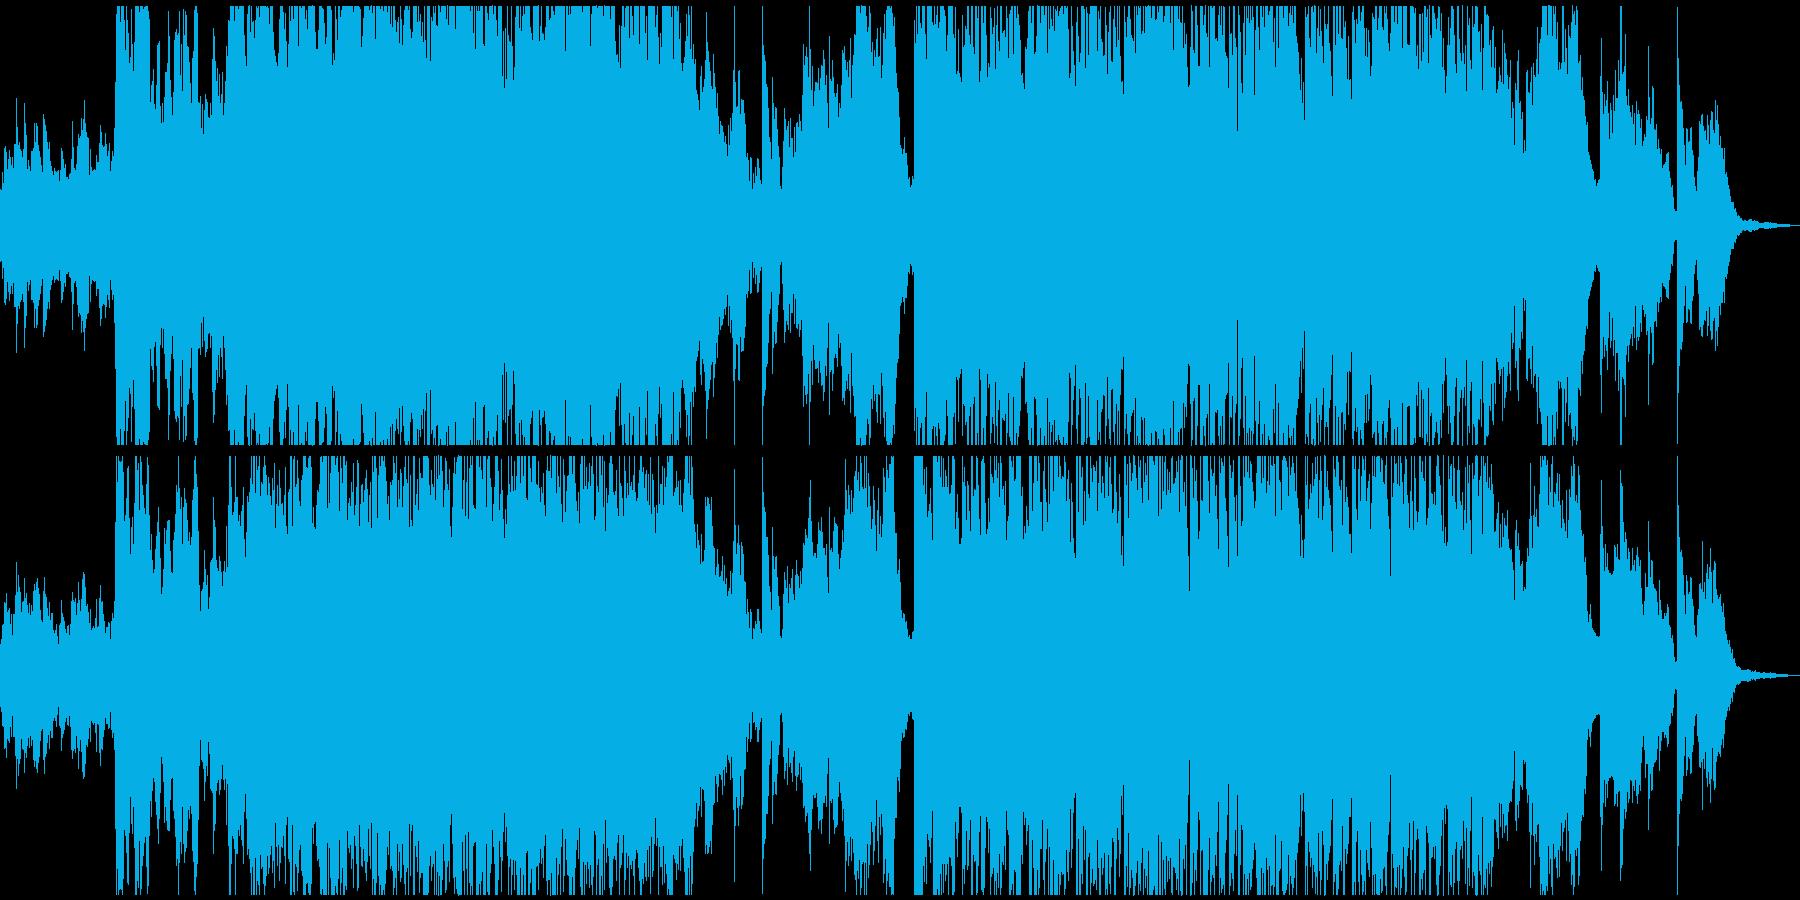 生命の誕生、生をイメージしたサウンドの再生済みの波形